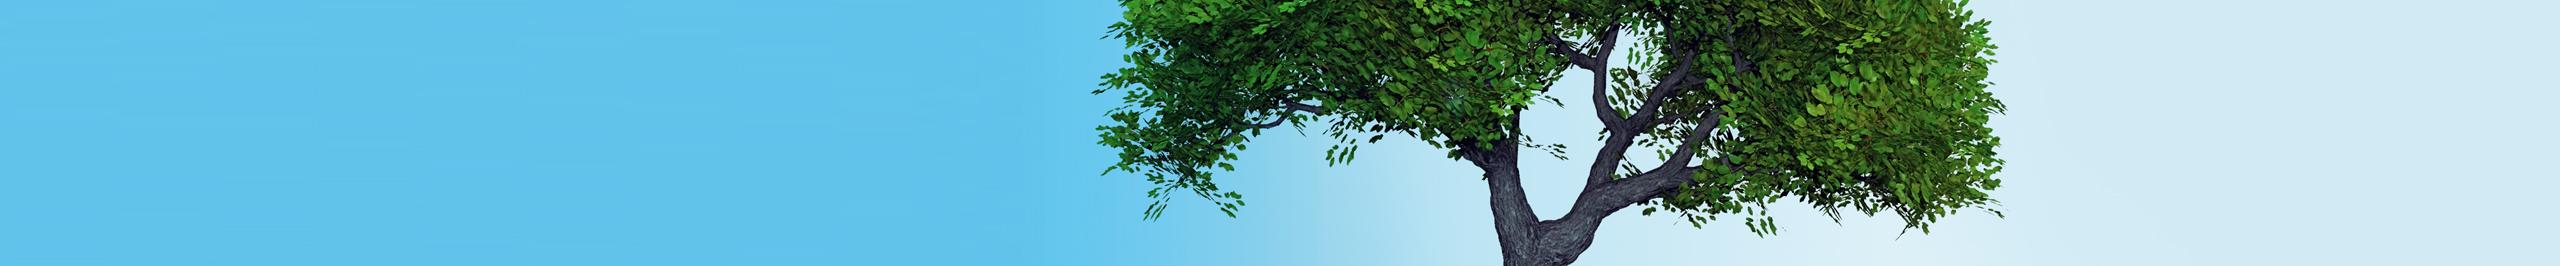 Nastri perforati per la costruzione di case ecologiche for Nuove planimetrie per la costruzione di case